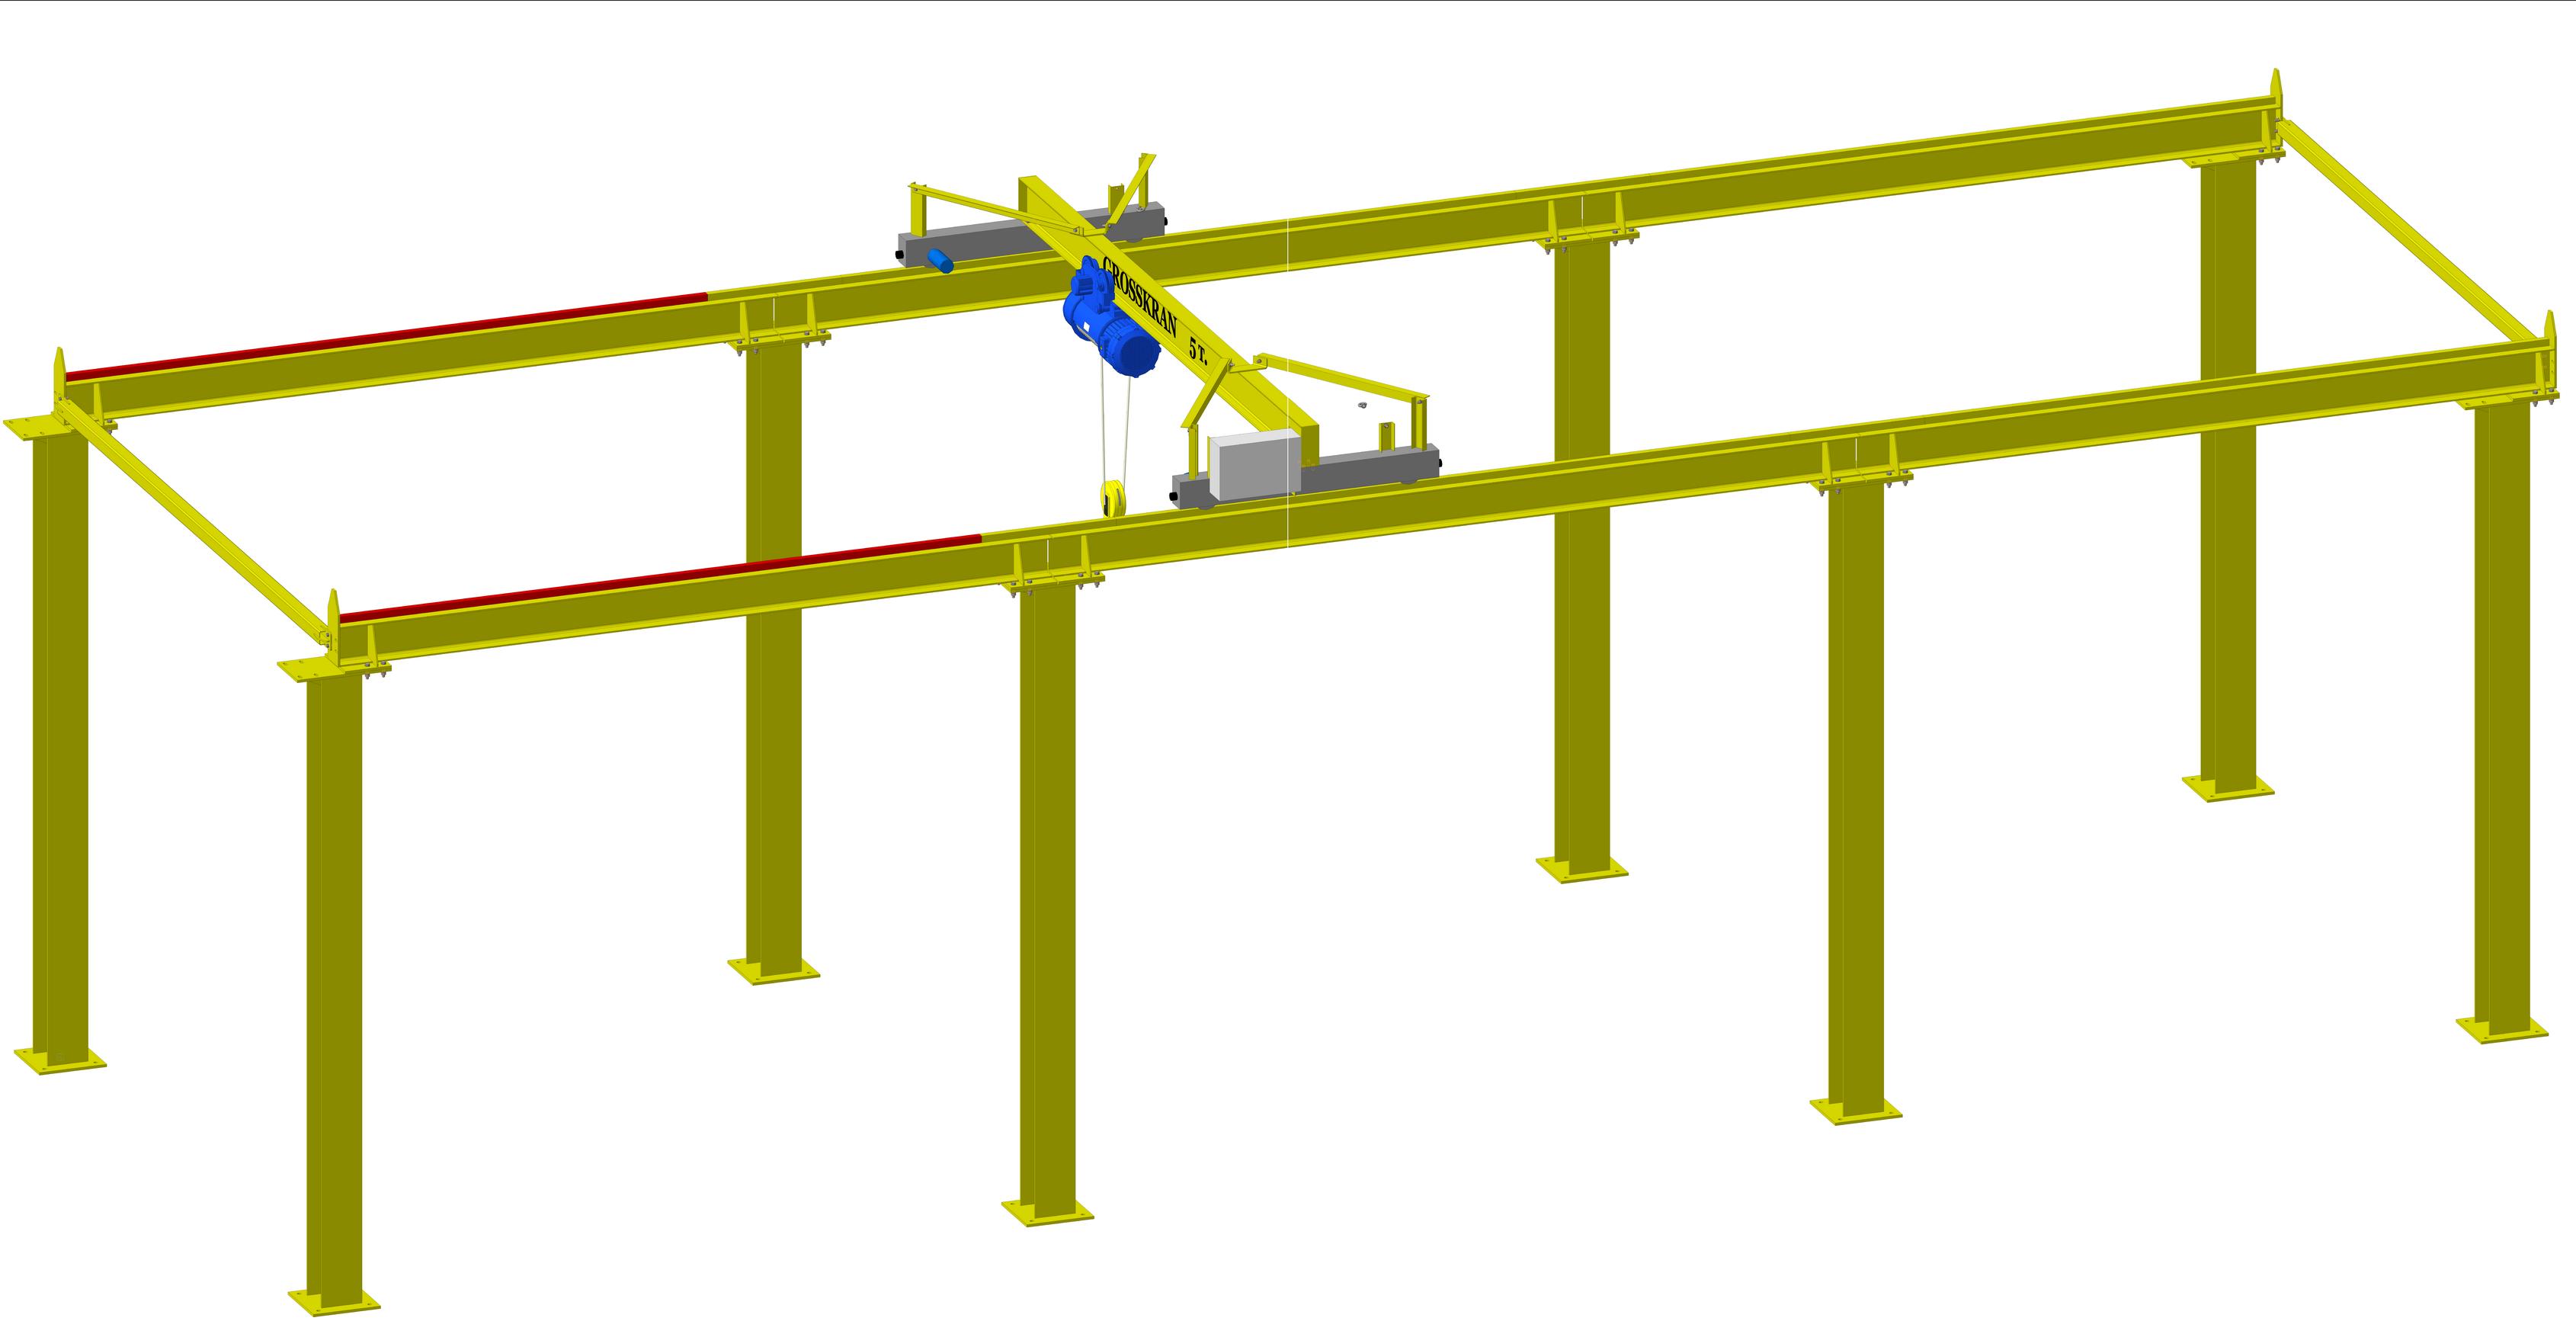 Комплект мостового крана гп 5 т для обслуживания испытательных стендов